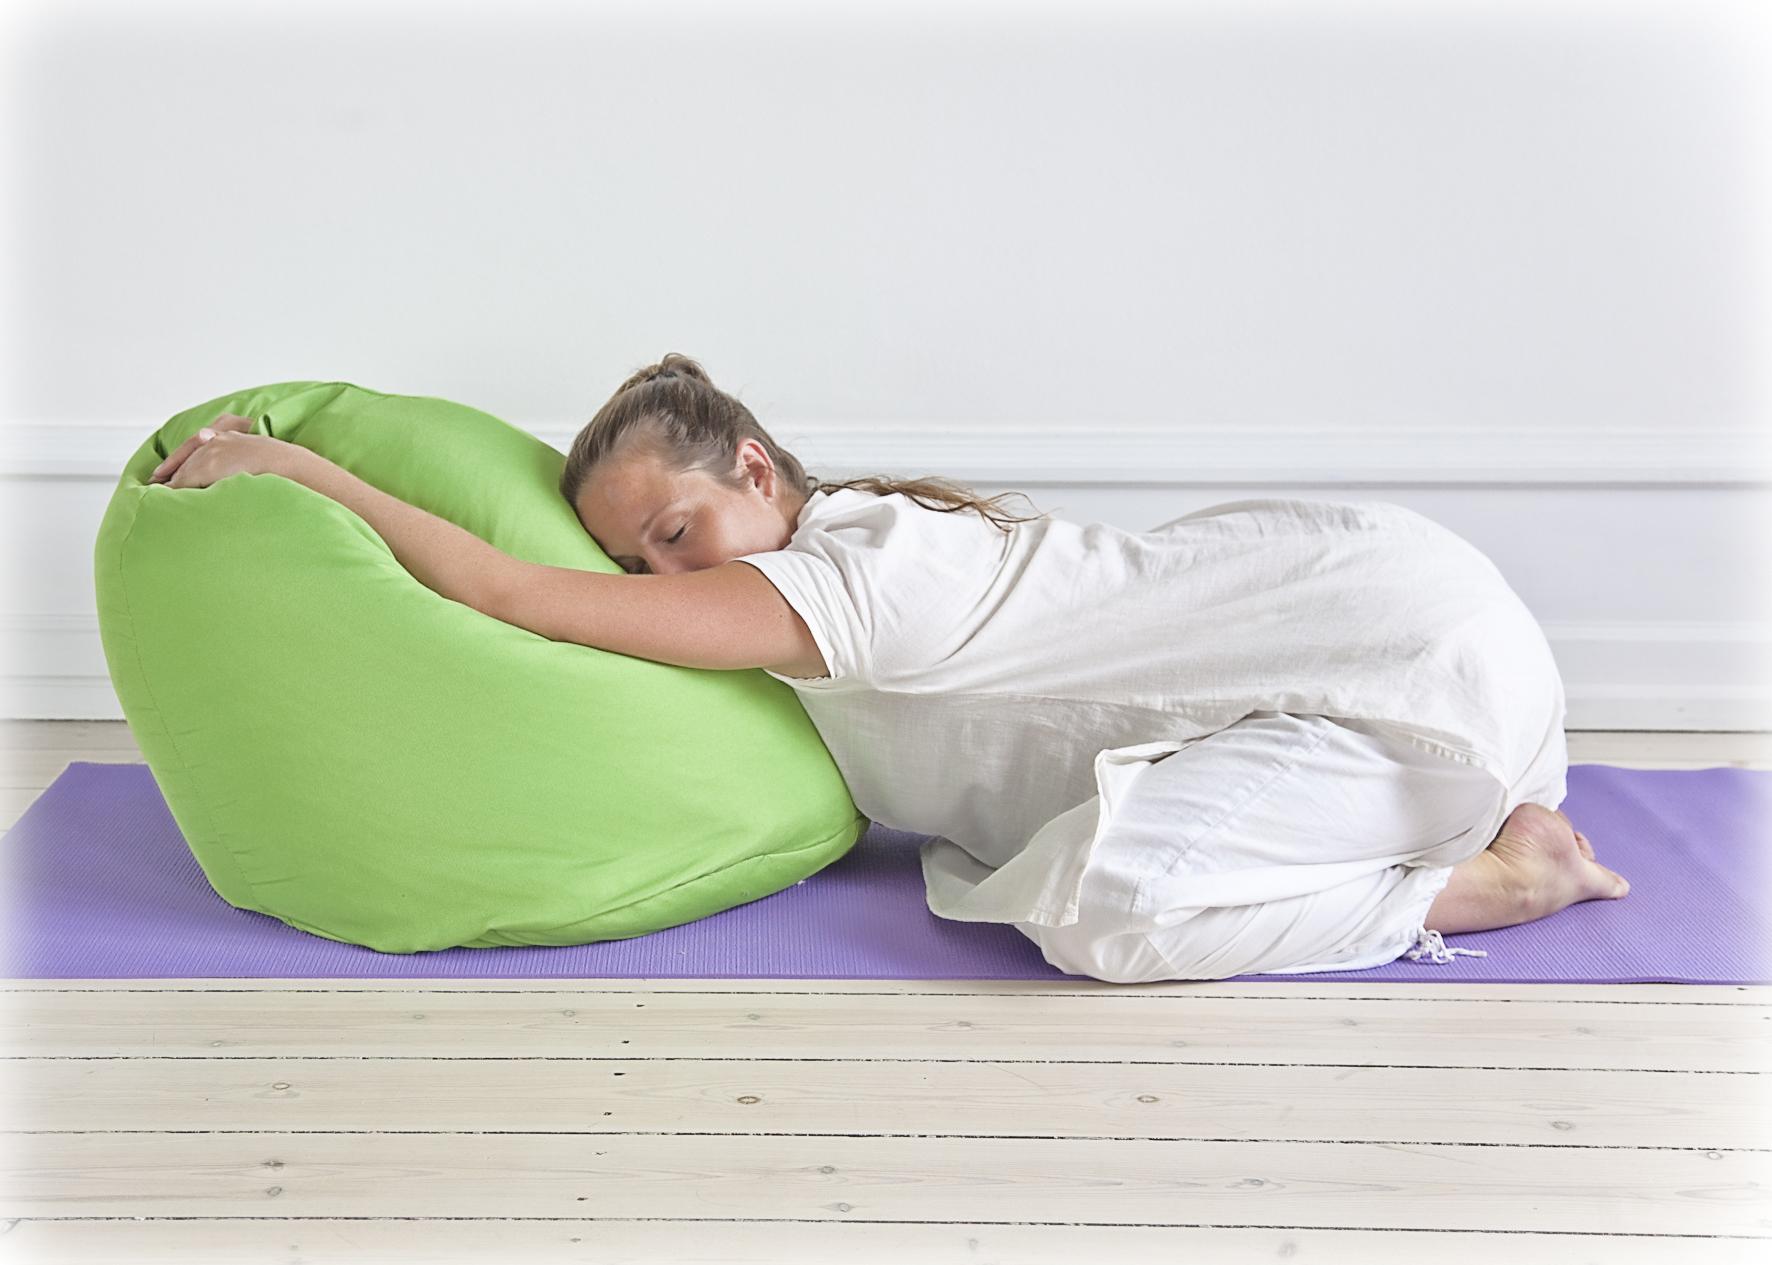 tag yoga for gravide horsholm hillerod nordsjaealland fredensborg kokkedal yoga for gravide